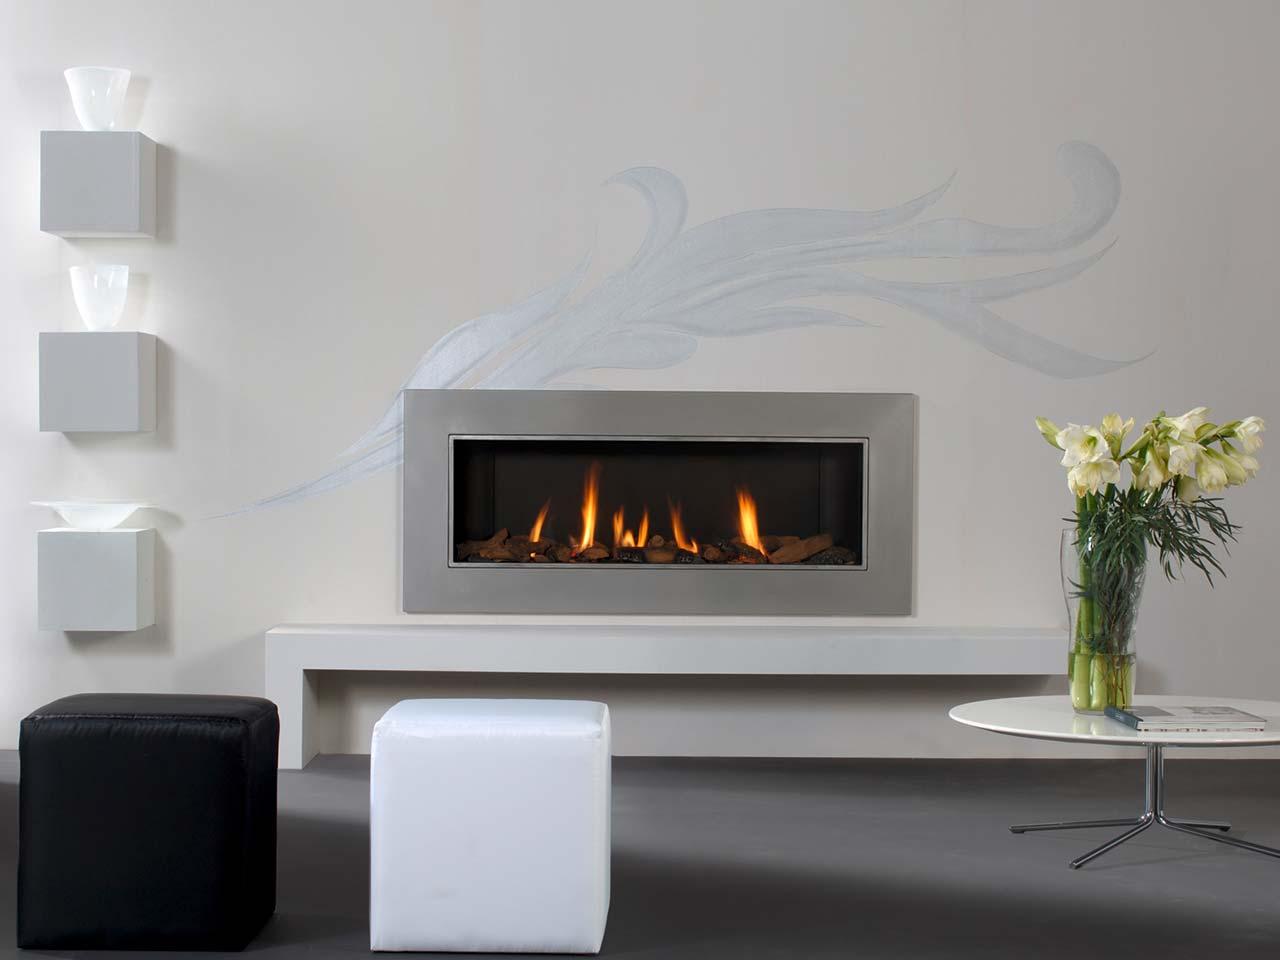 Faber Relaxed XL Gaskamin mit großer Glasfront und Edelstahlrahmen sowie Fernbedienung.